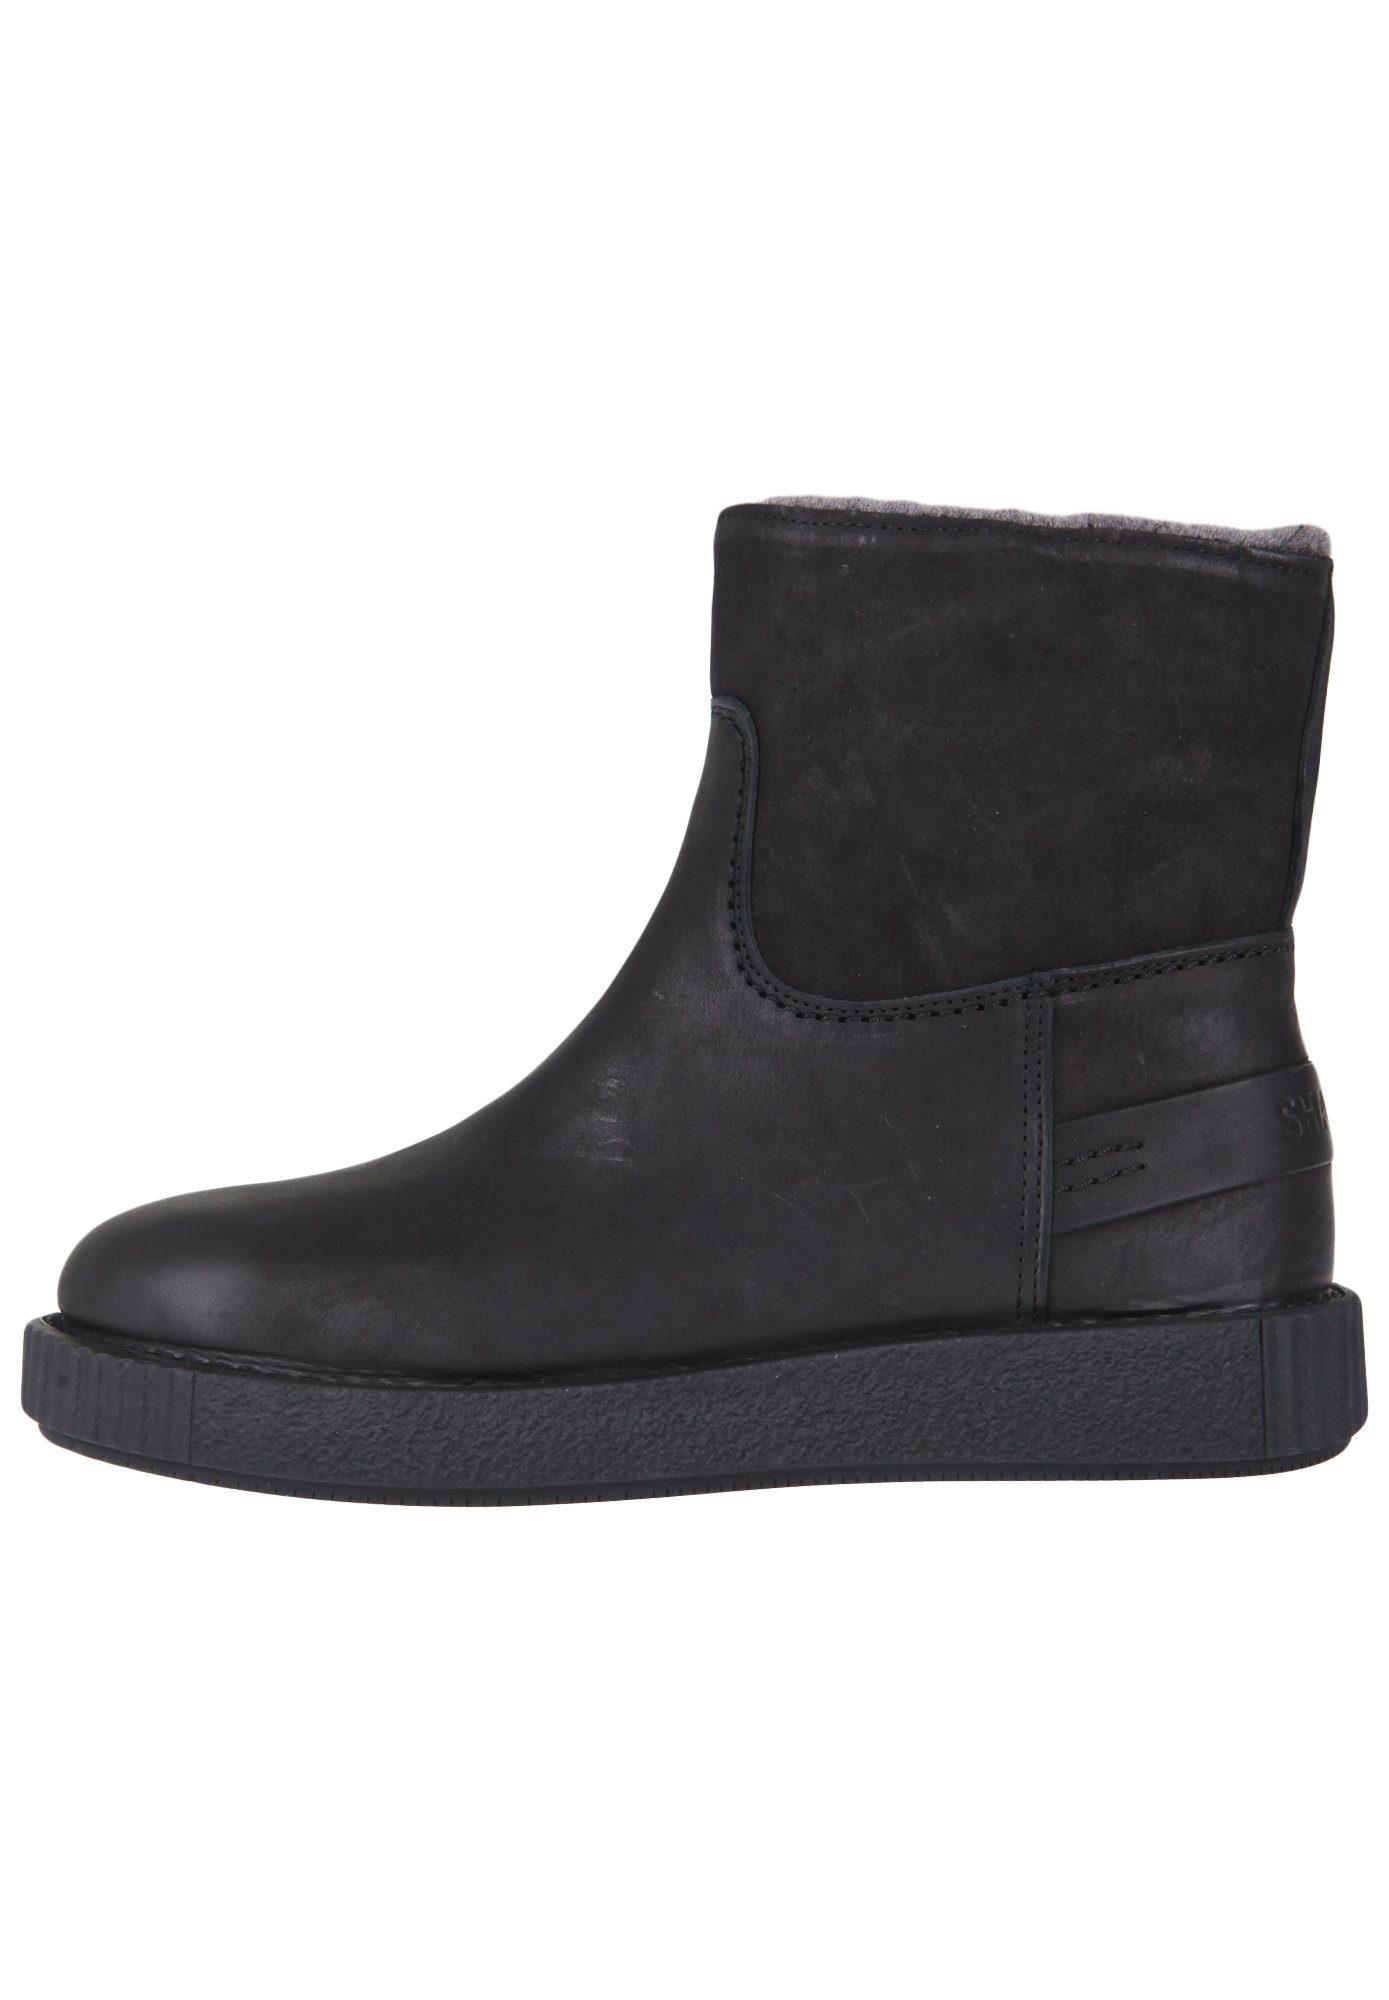 Shabbies Amsterdam NEW BOOTY Stiefelette, zusätzliche Innensohlen aus Leder online kaufen  black